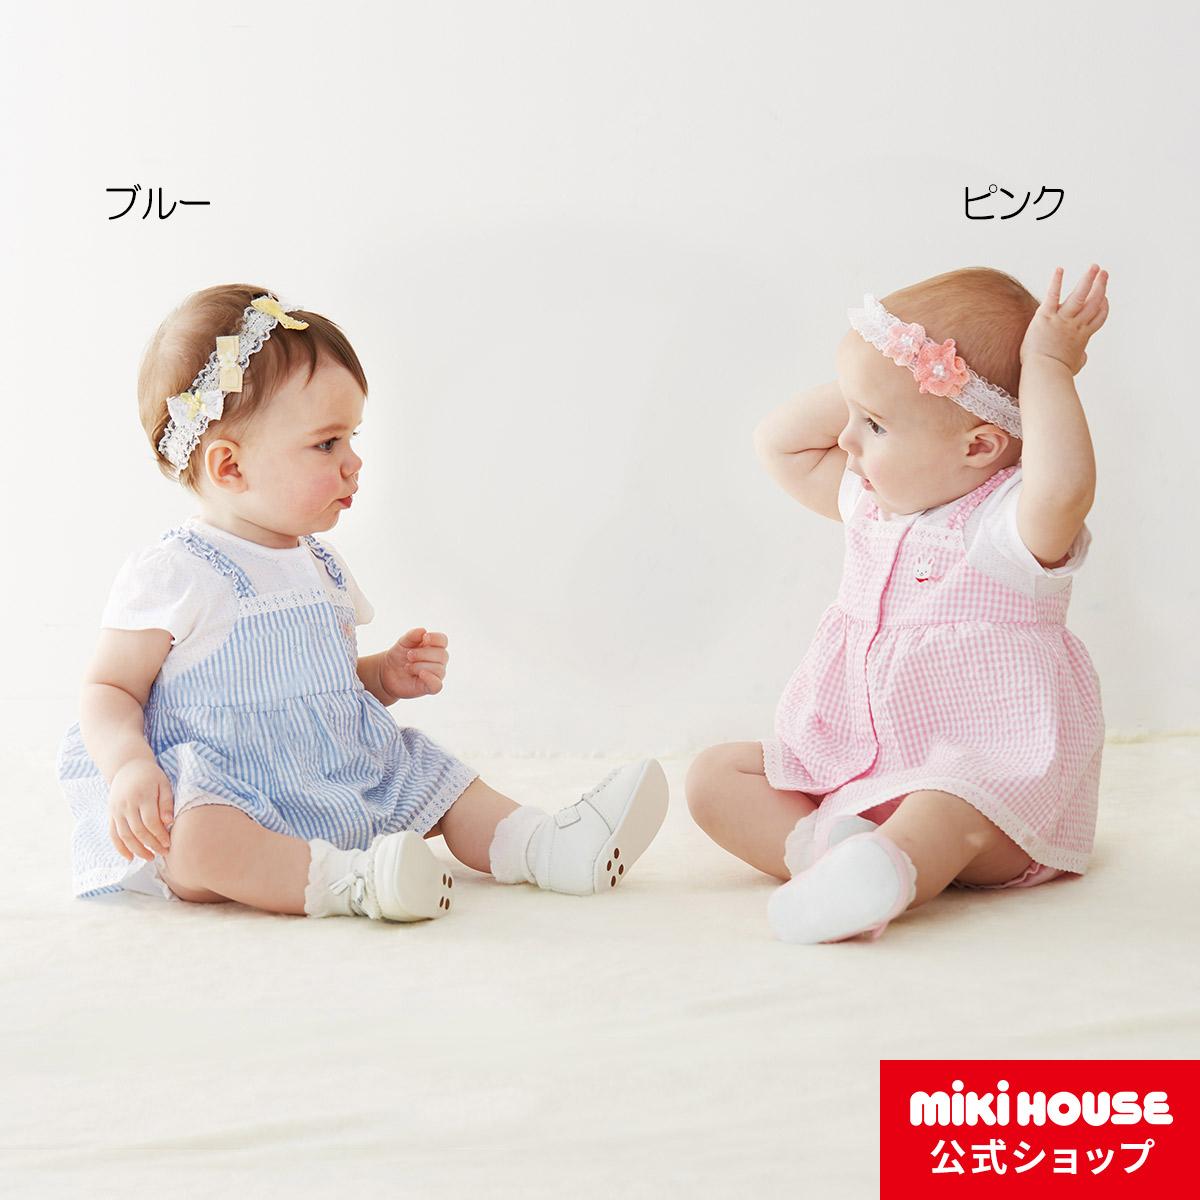 ミキハウス mikihouse ワンピース(70cm・80cm) ベビー服 子供服 赤ちゃん 女の子 スカート